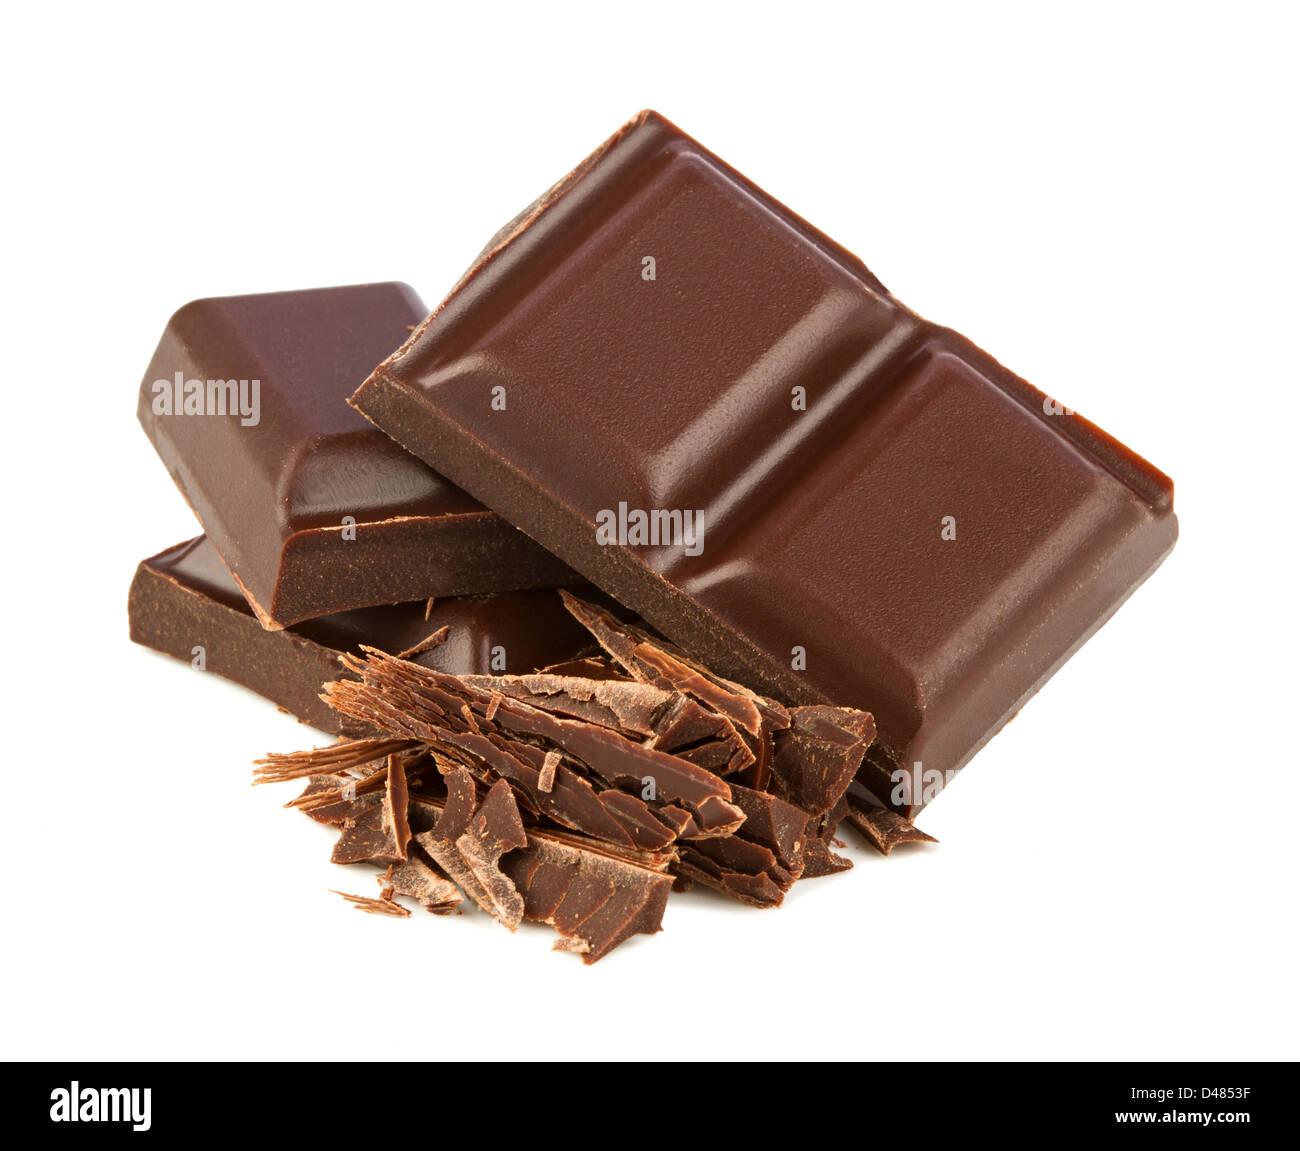 Pila di cioccolato fondente Immagini Stock